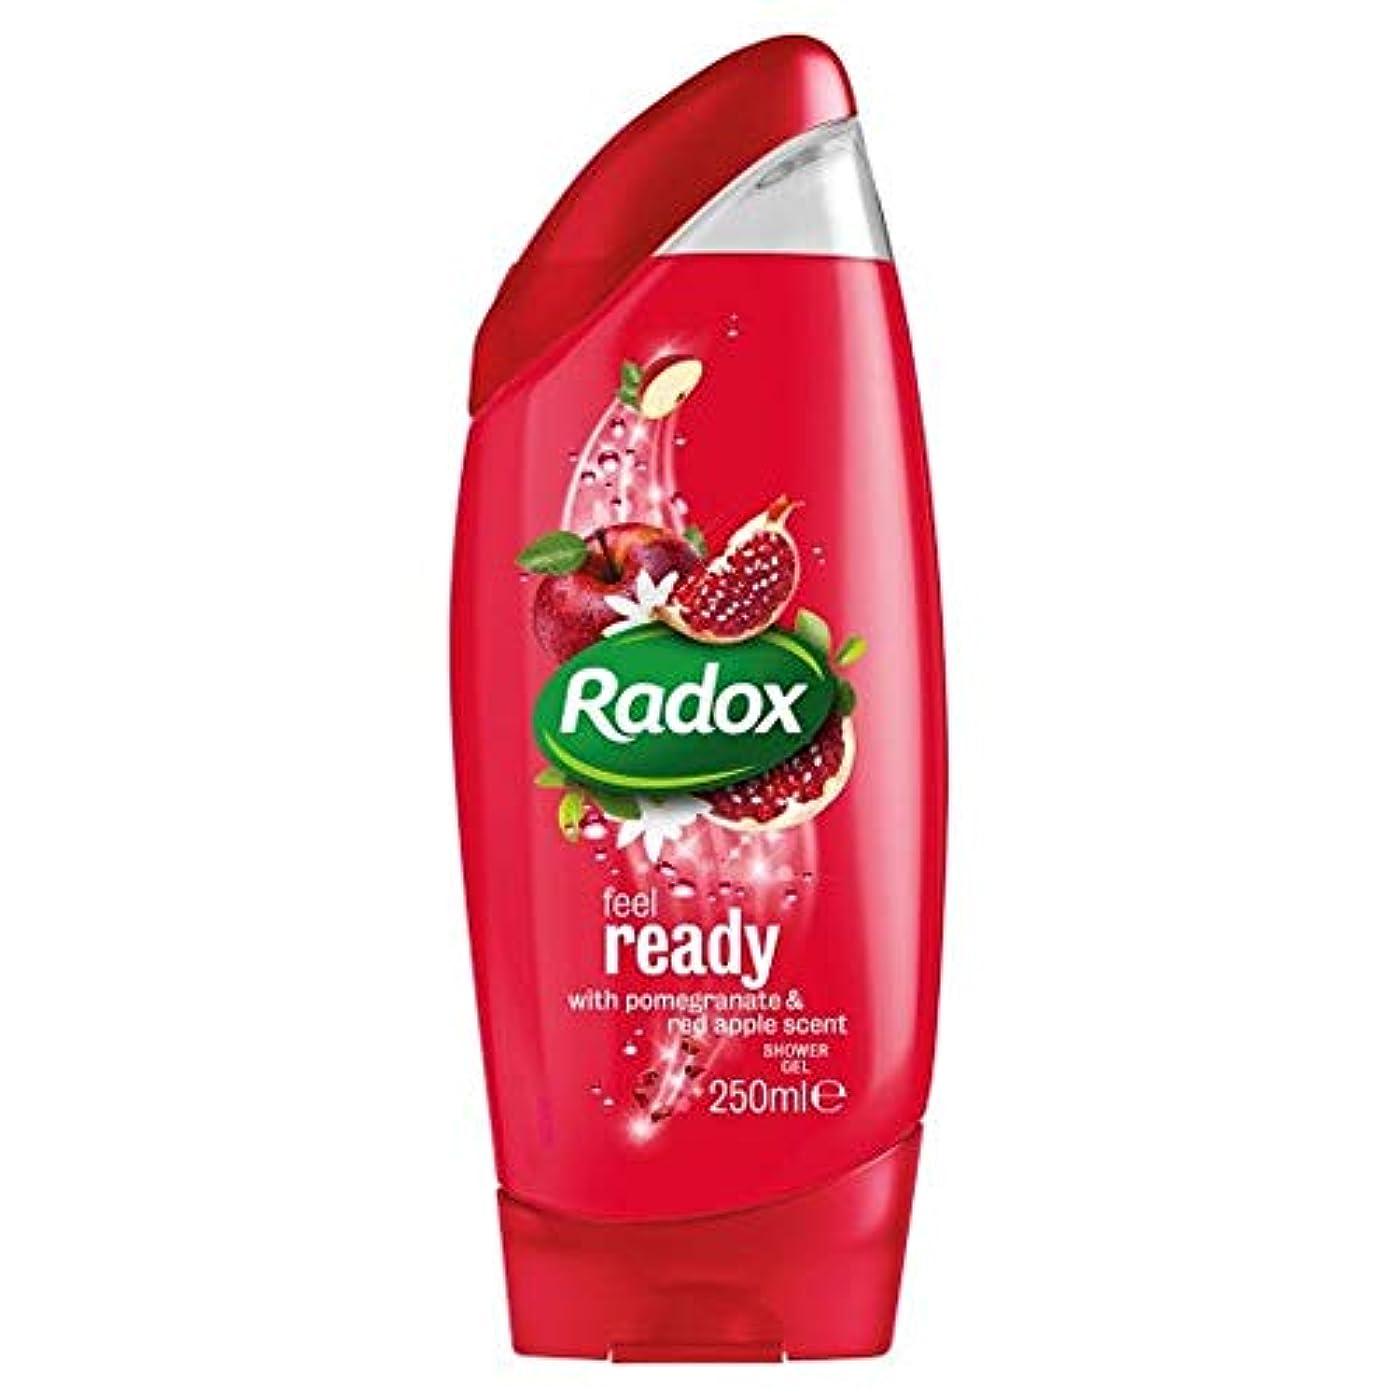 靄母音アノイ[Radox] Radoxは準備ができてシャワージェル250ミリリットルを感じます - Radox Feel Ready Shower Gel 250Ml [並行輸入品]